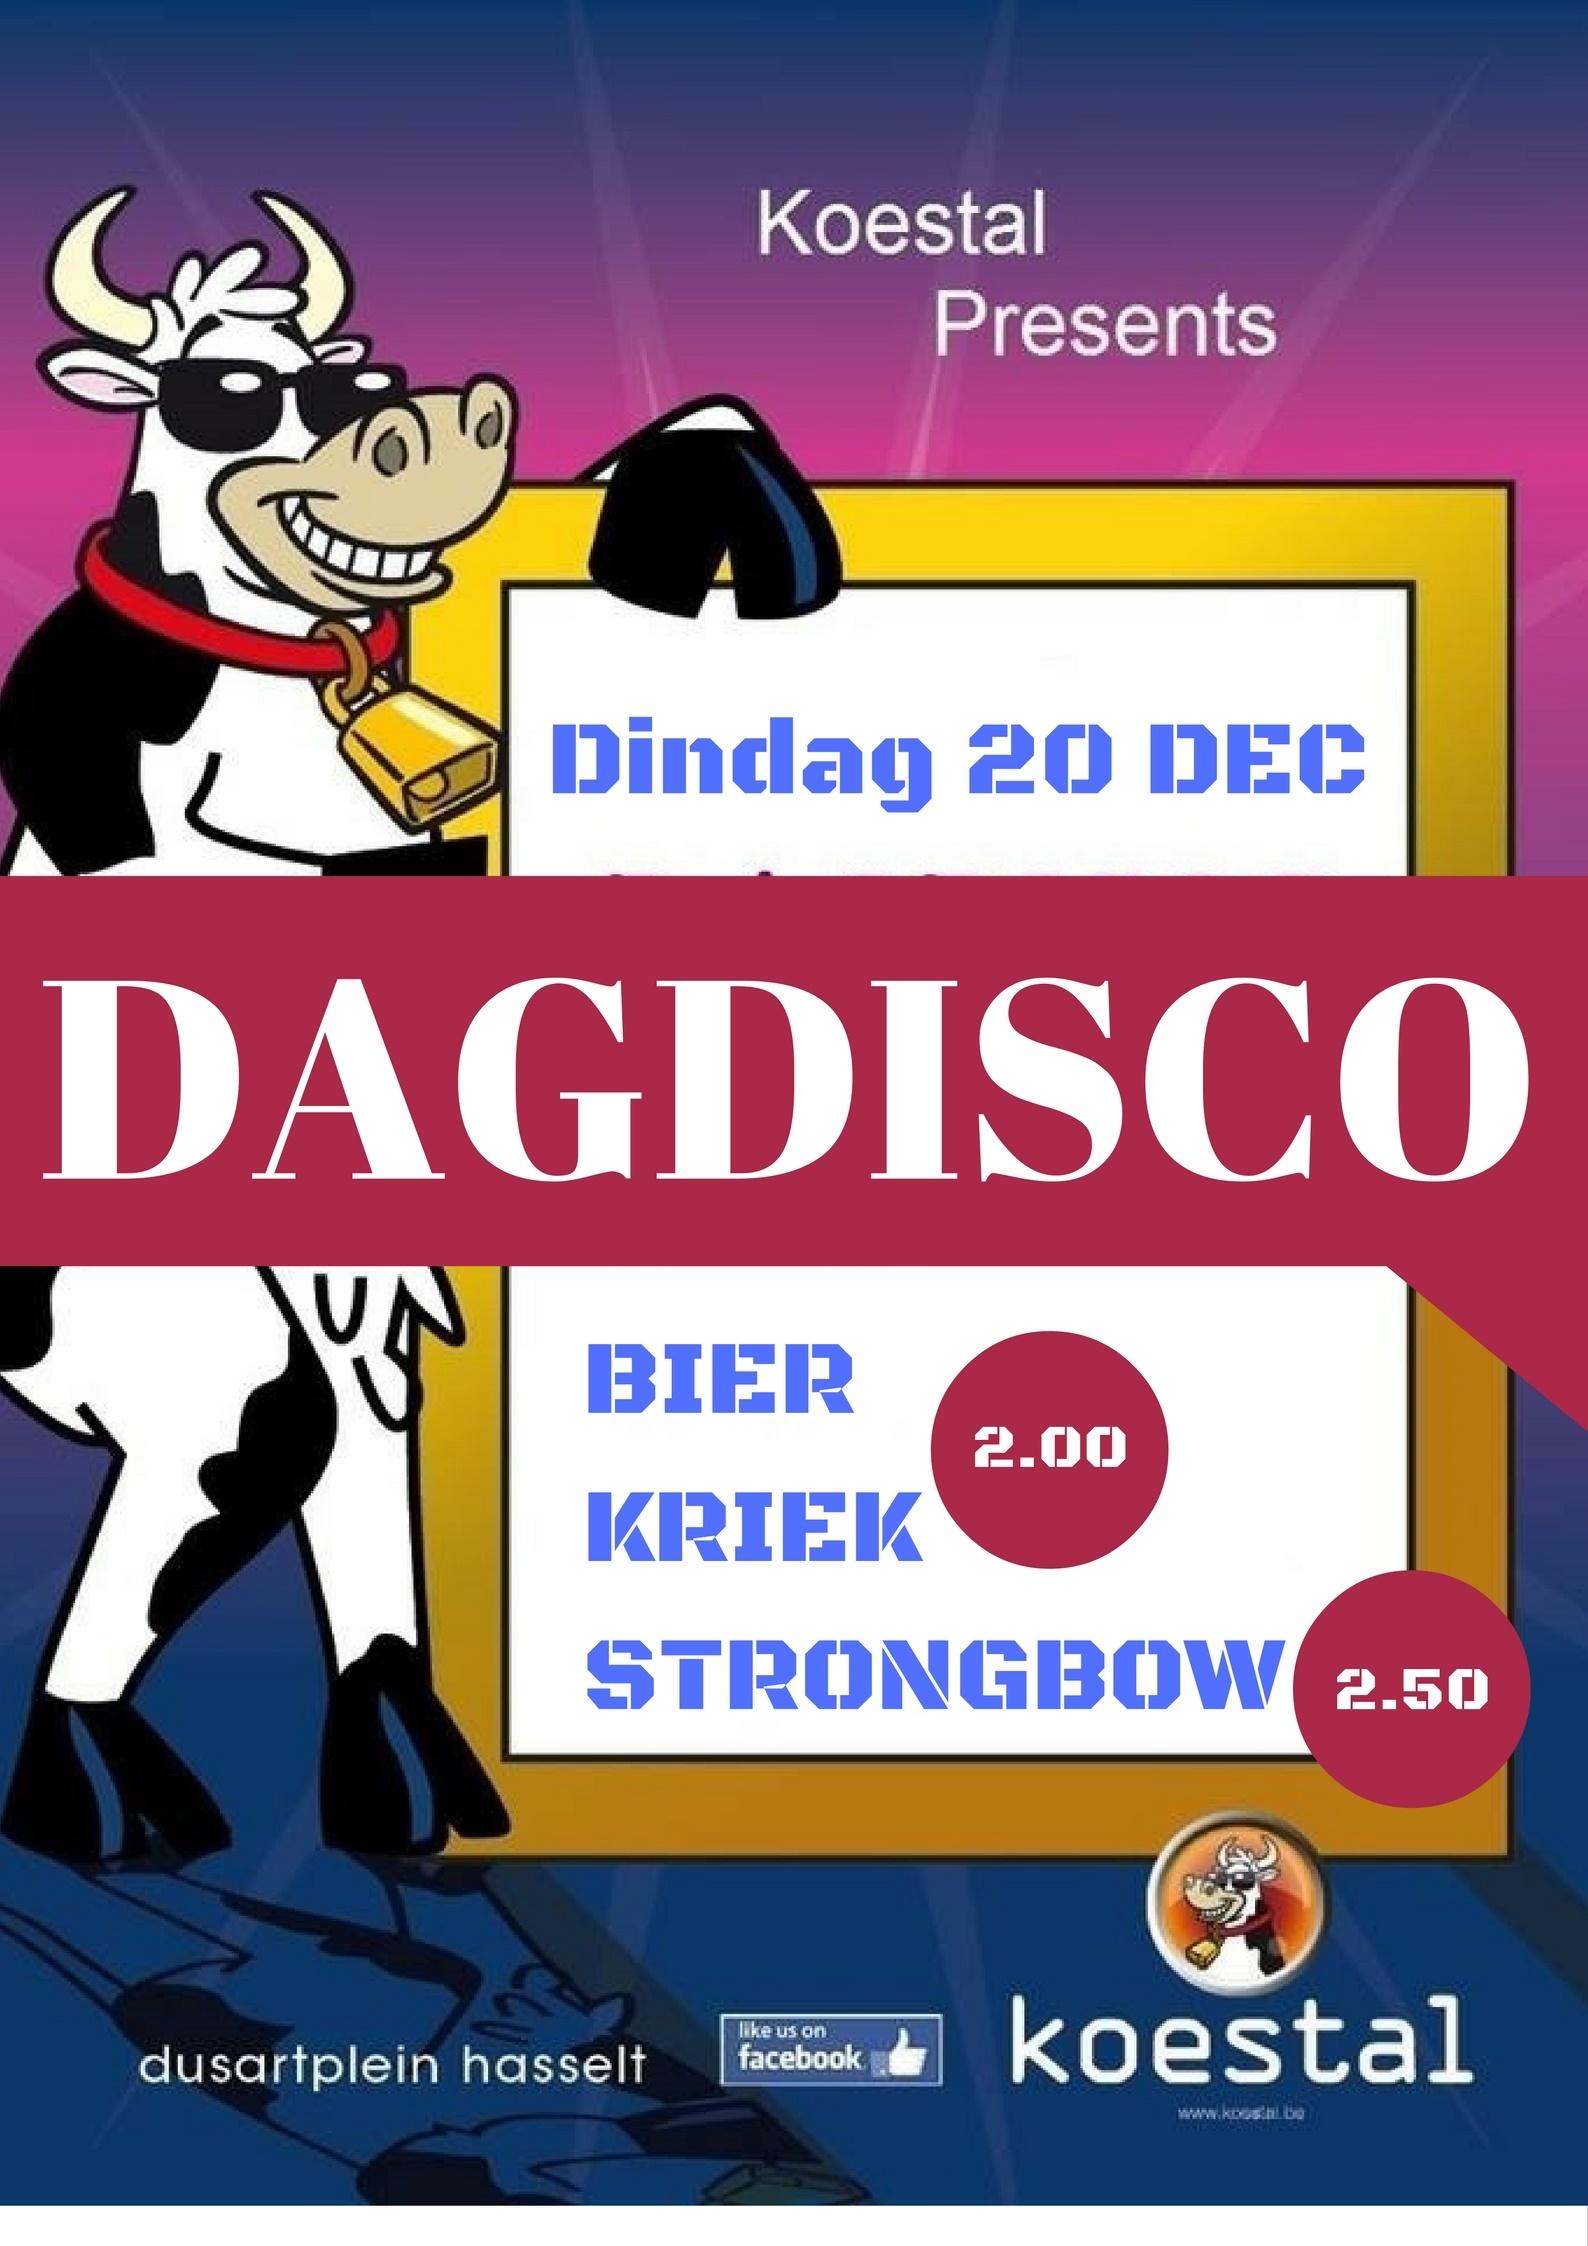 dagdisco-20dec